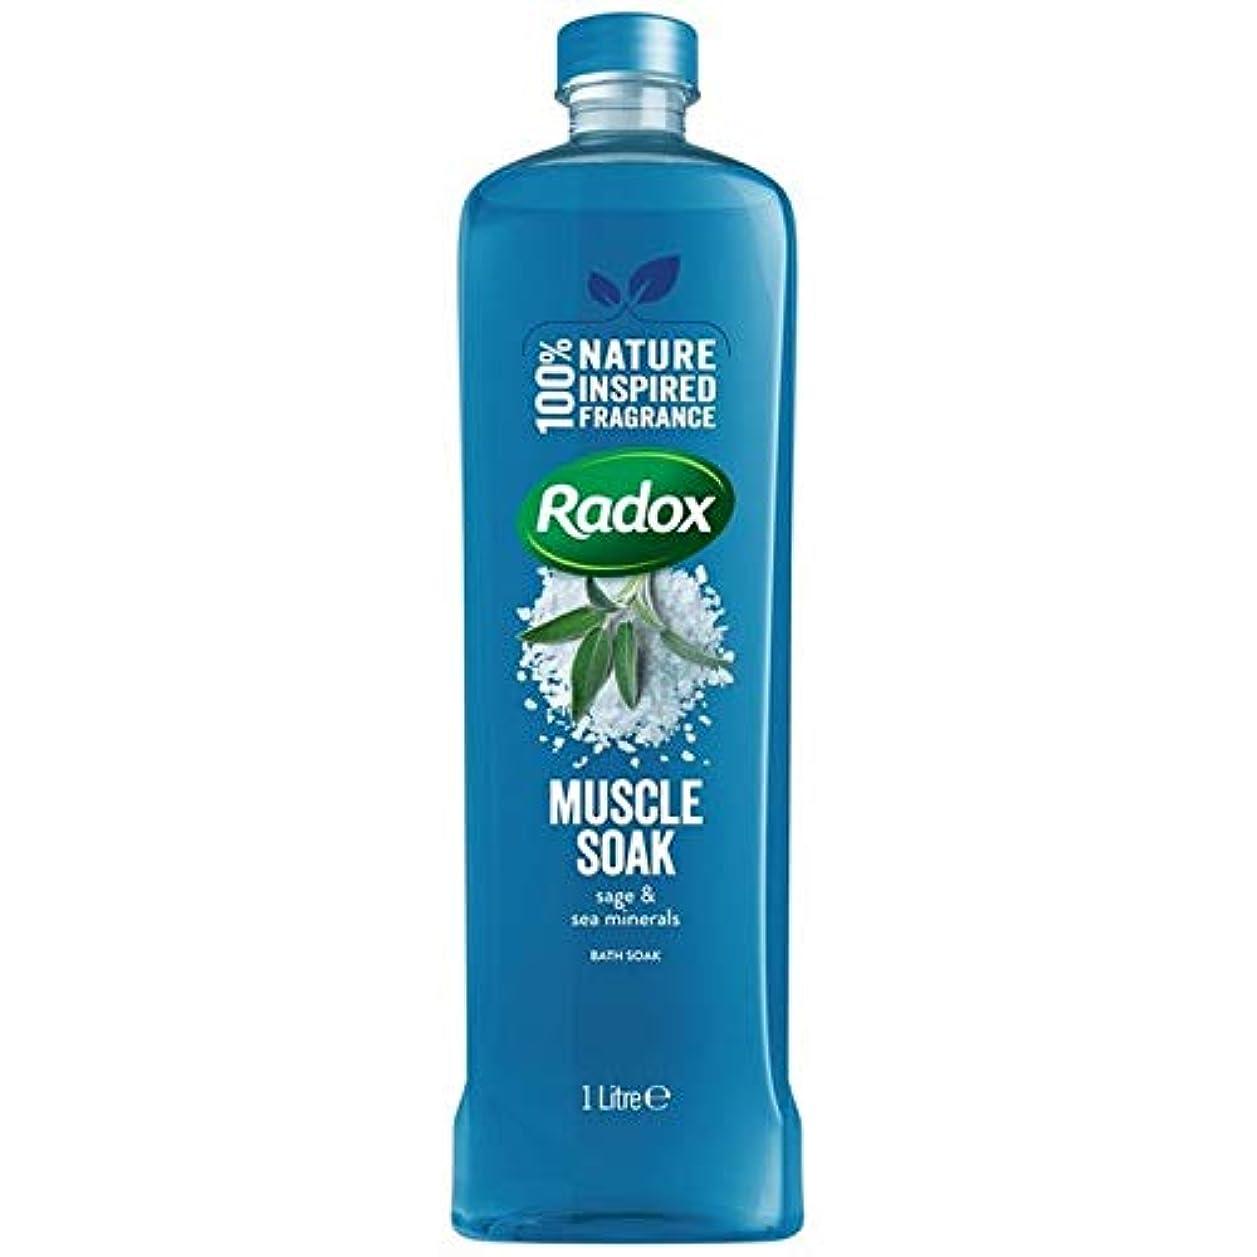 地域のかわす民間人[Radox] Radox筋はセージ&海のミネラルの1リットルに浸し風呂につかります - Radox Muscle Soak Bath Soak with Sage & Sea Minerals 1L [並行輸入品]